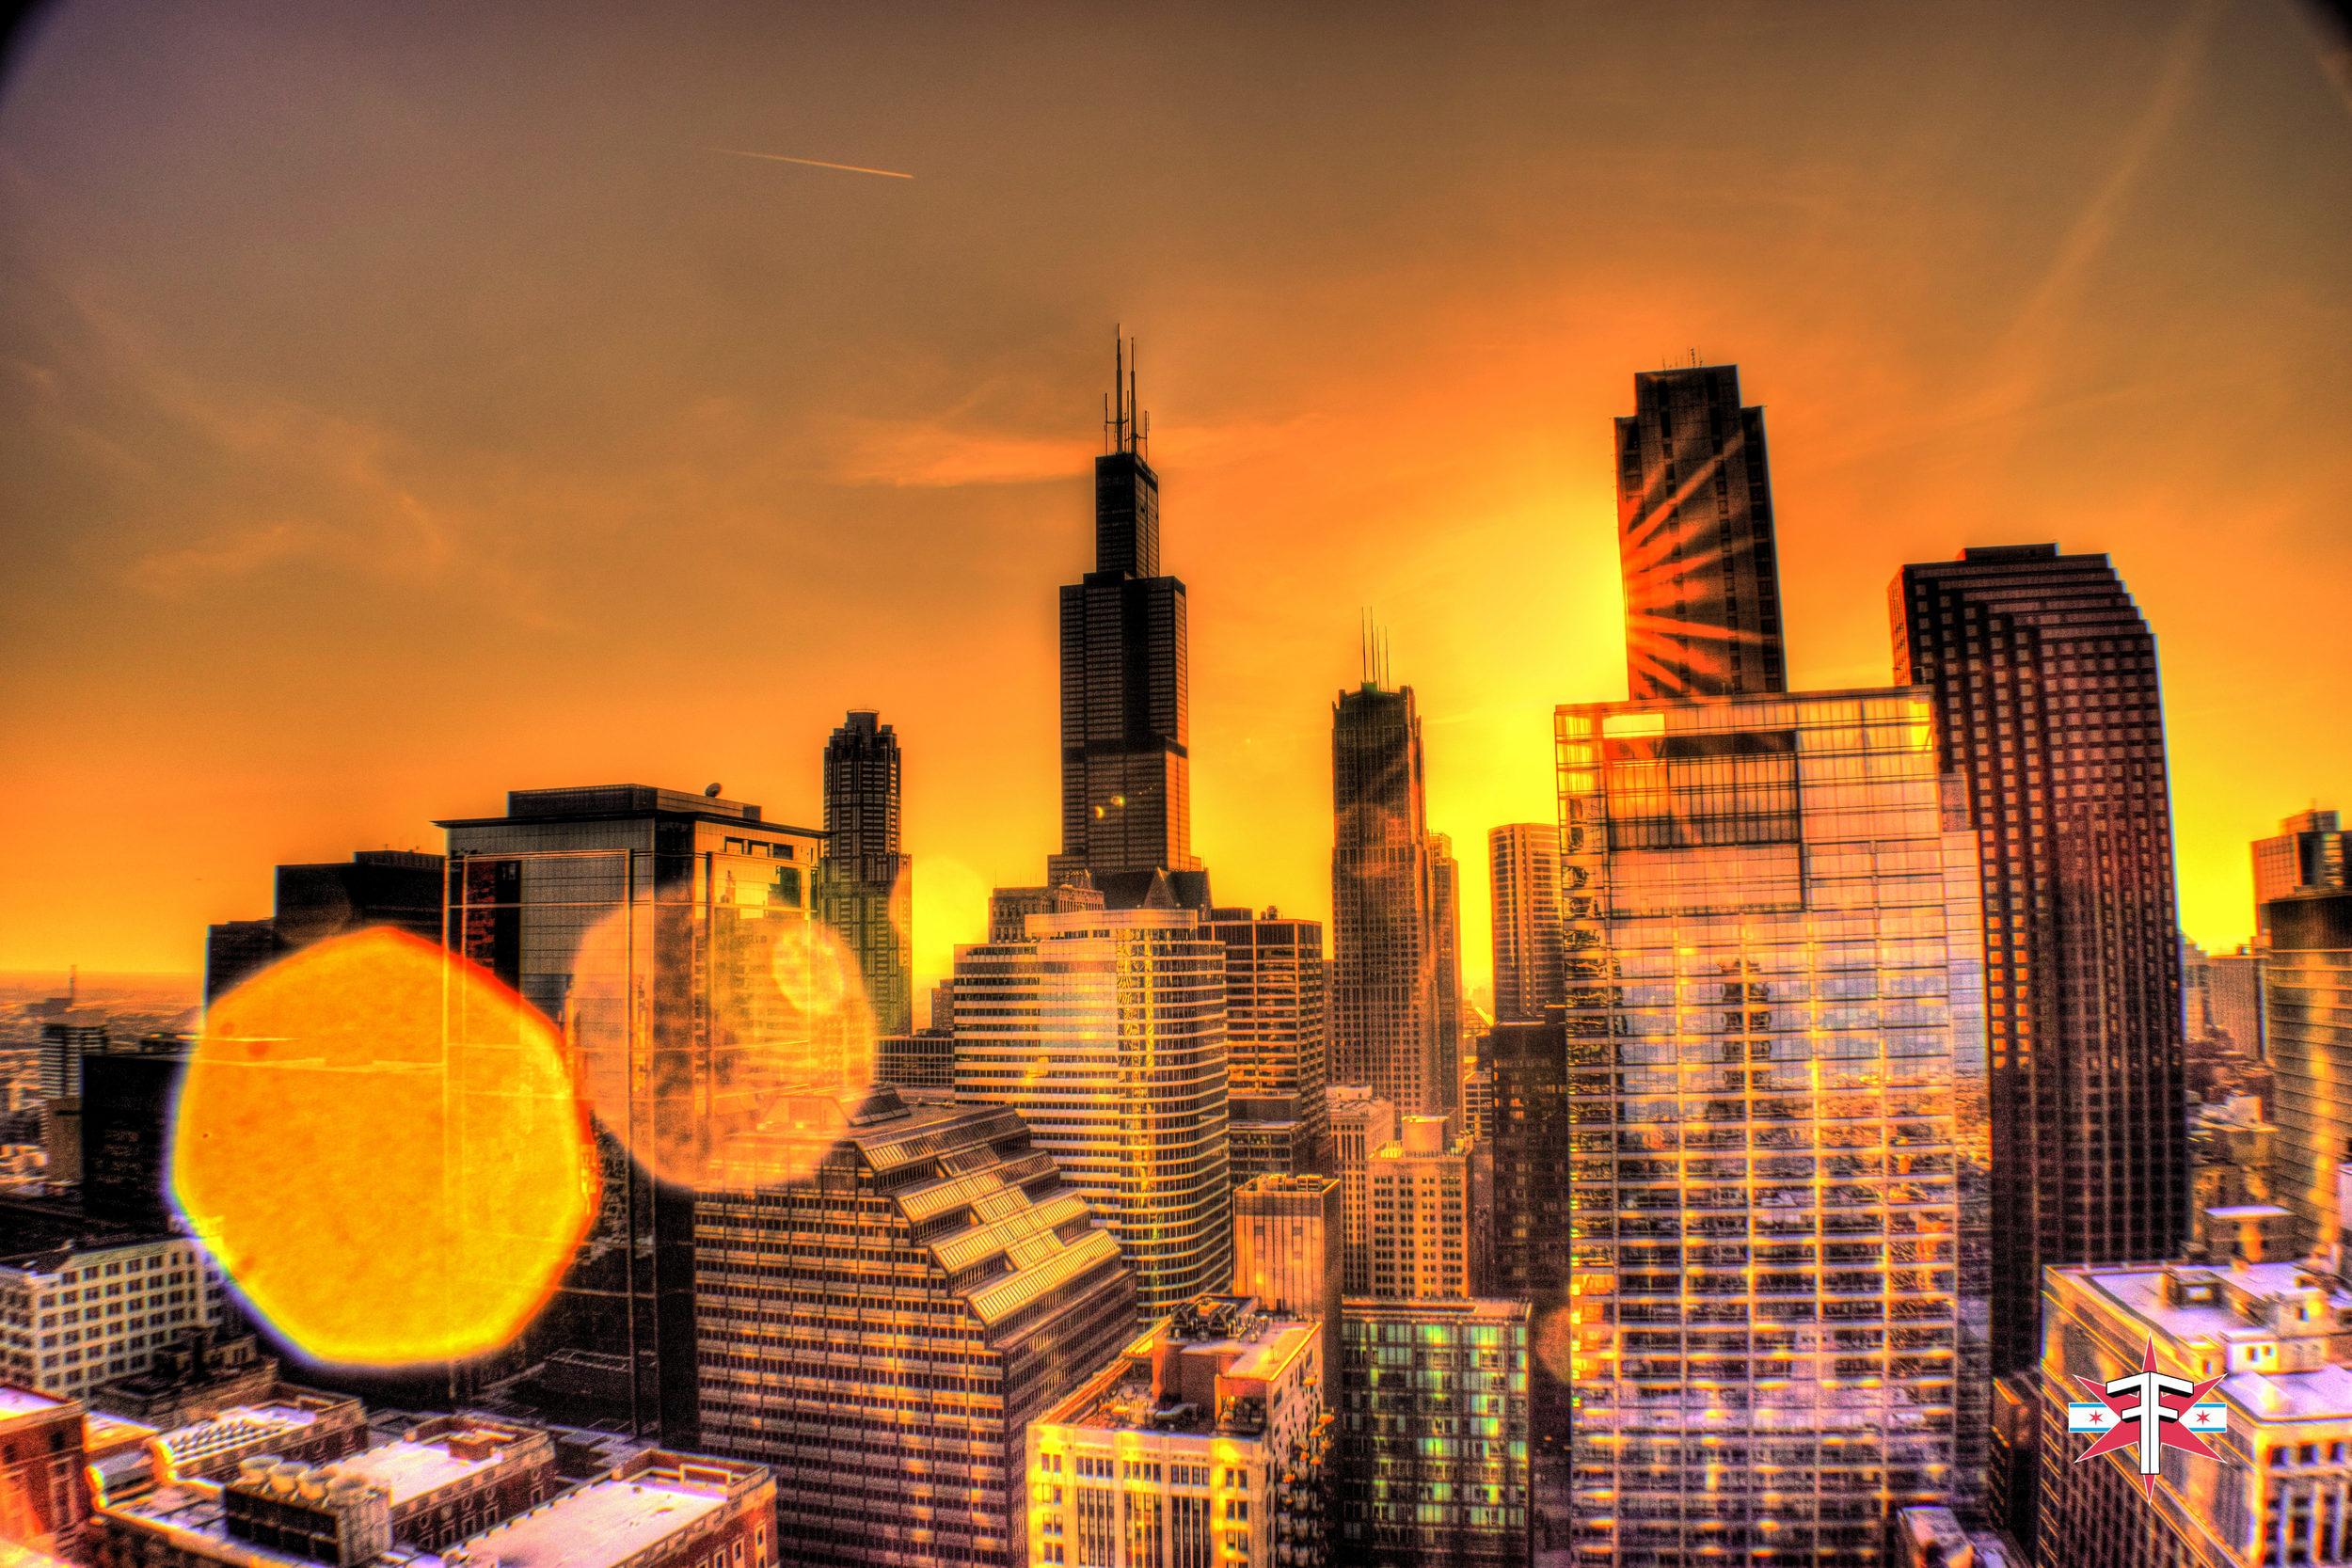 chicago art architecture eric formato photography design arquitectura architettura buildings skyscraper skyscrapers-99.jpg